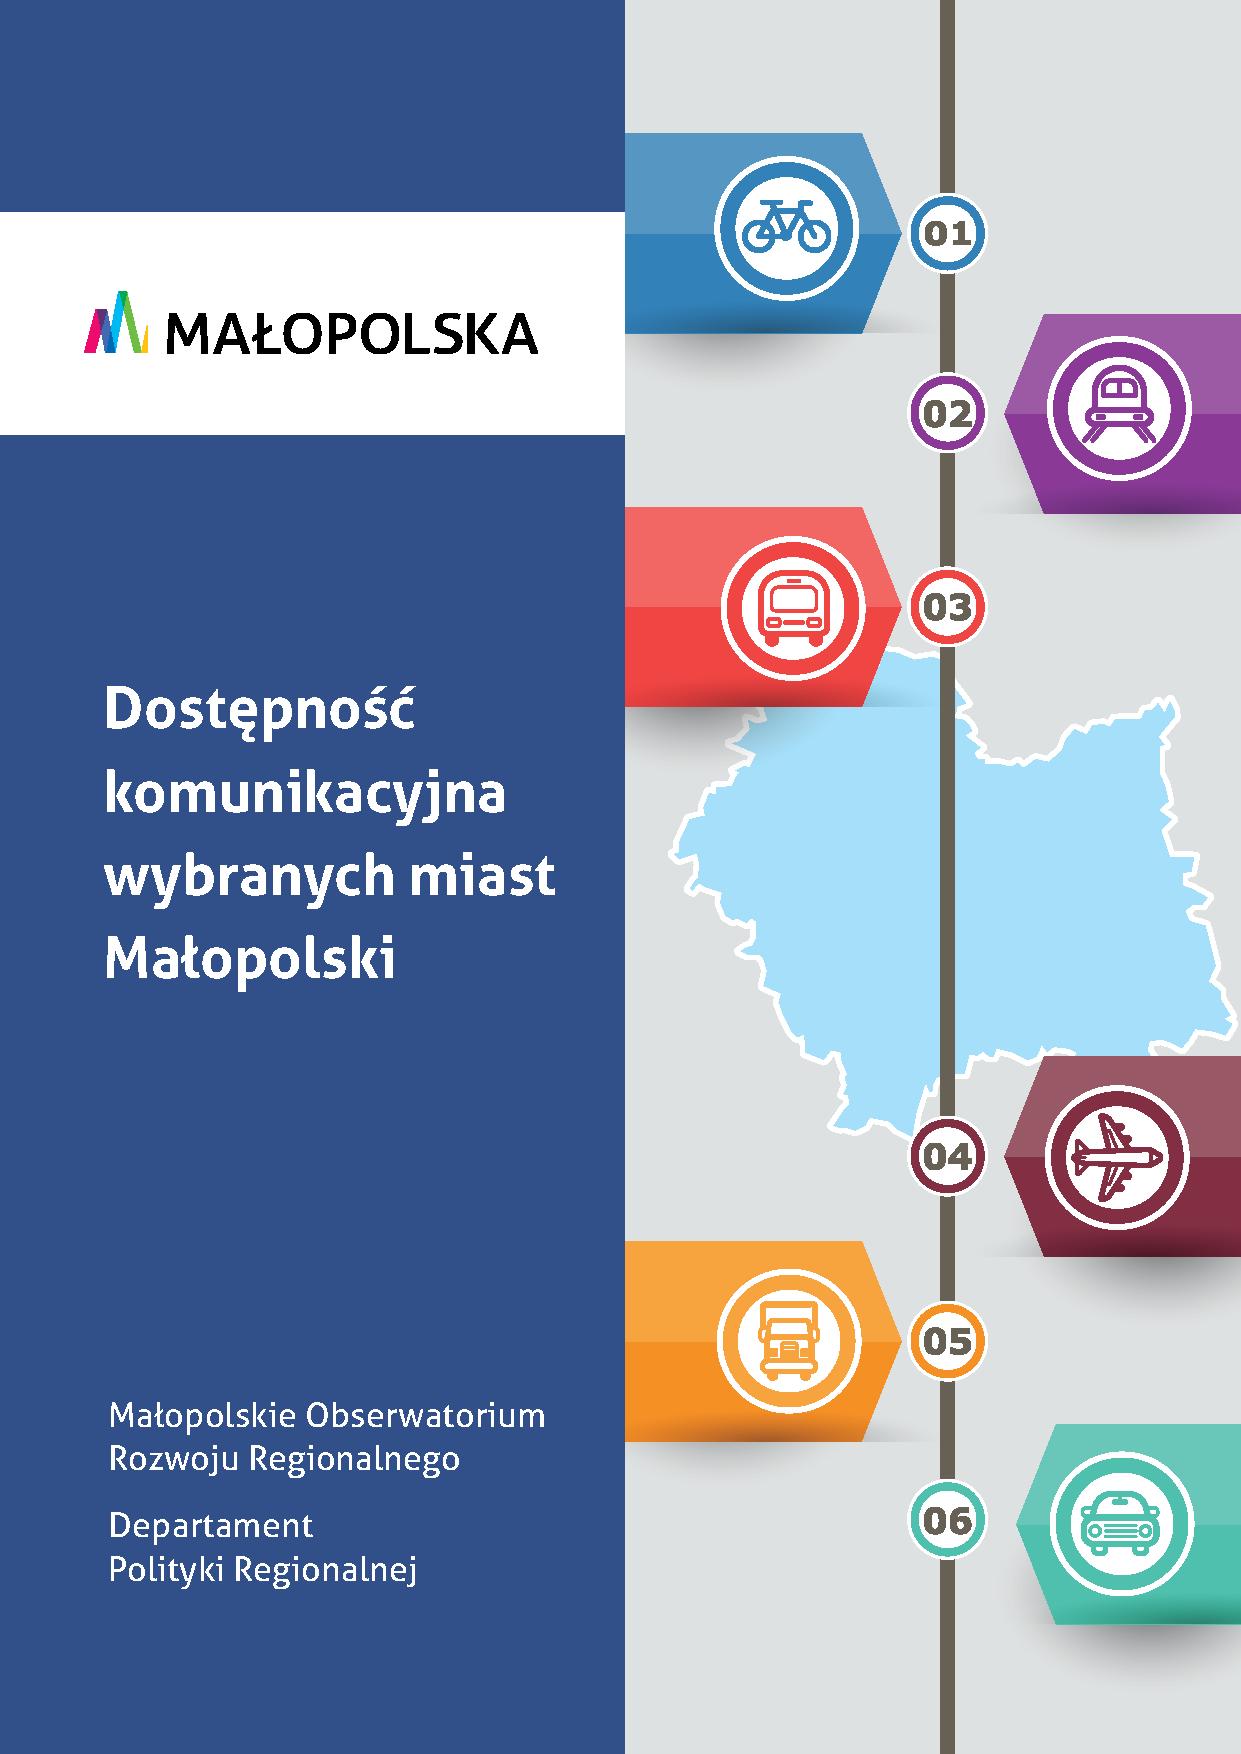 okładka publikacji Dostępność komunikacyjna wybranych miast Małopolski